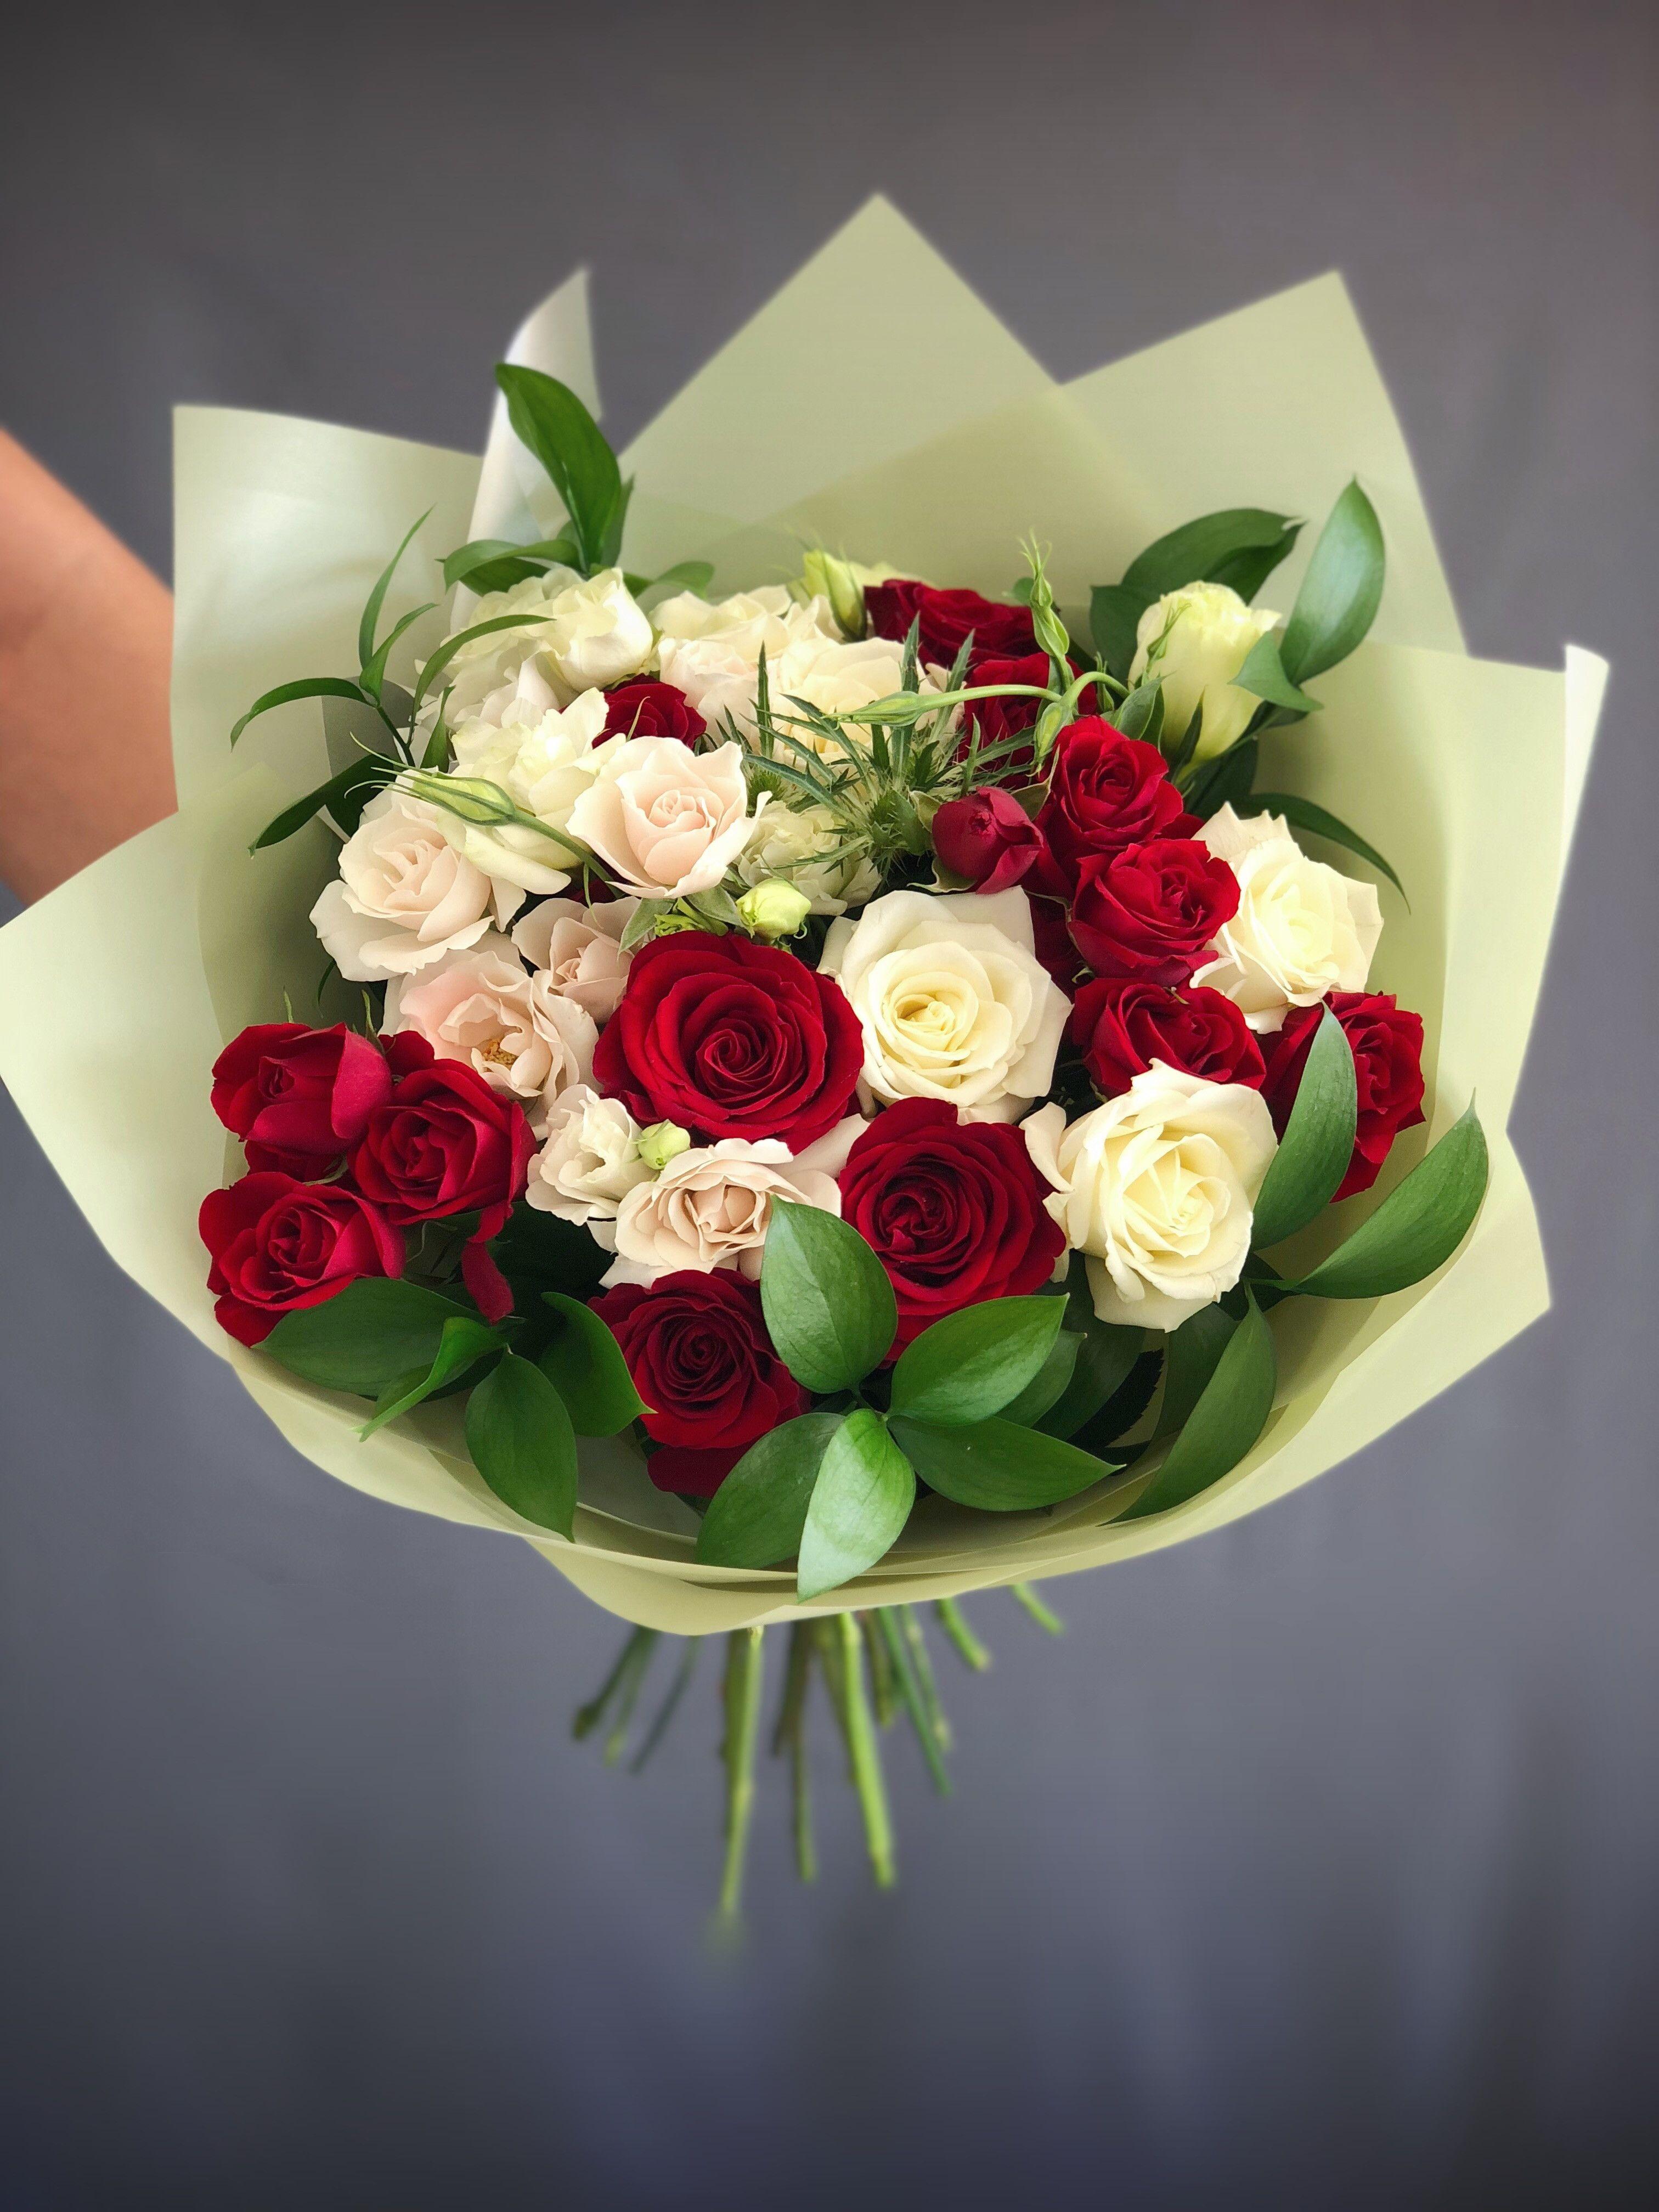 13 bouquet medium red & white in Hallandale Beach, FL K